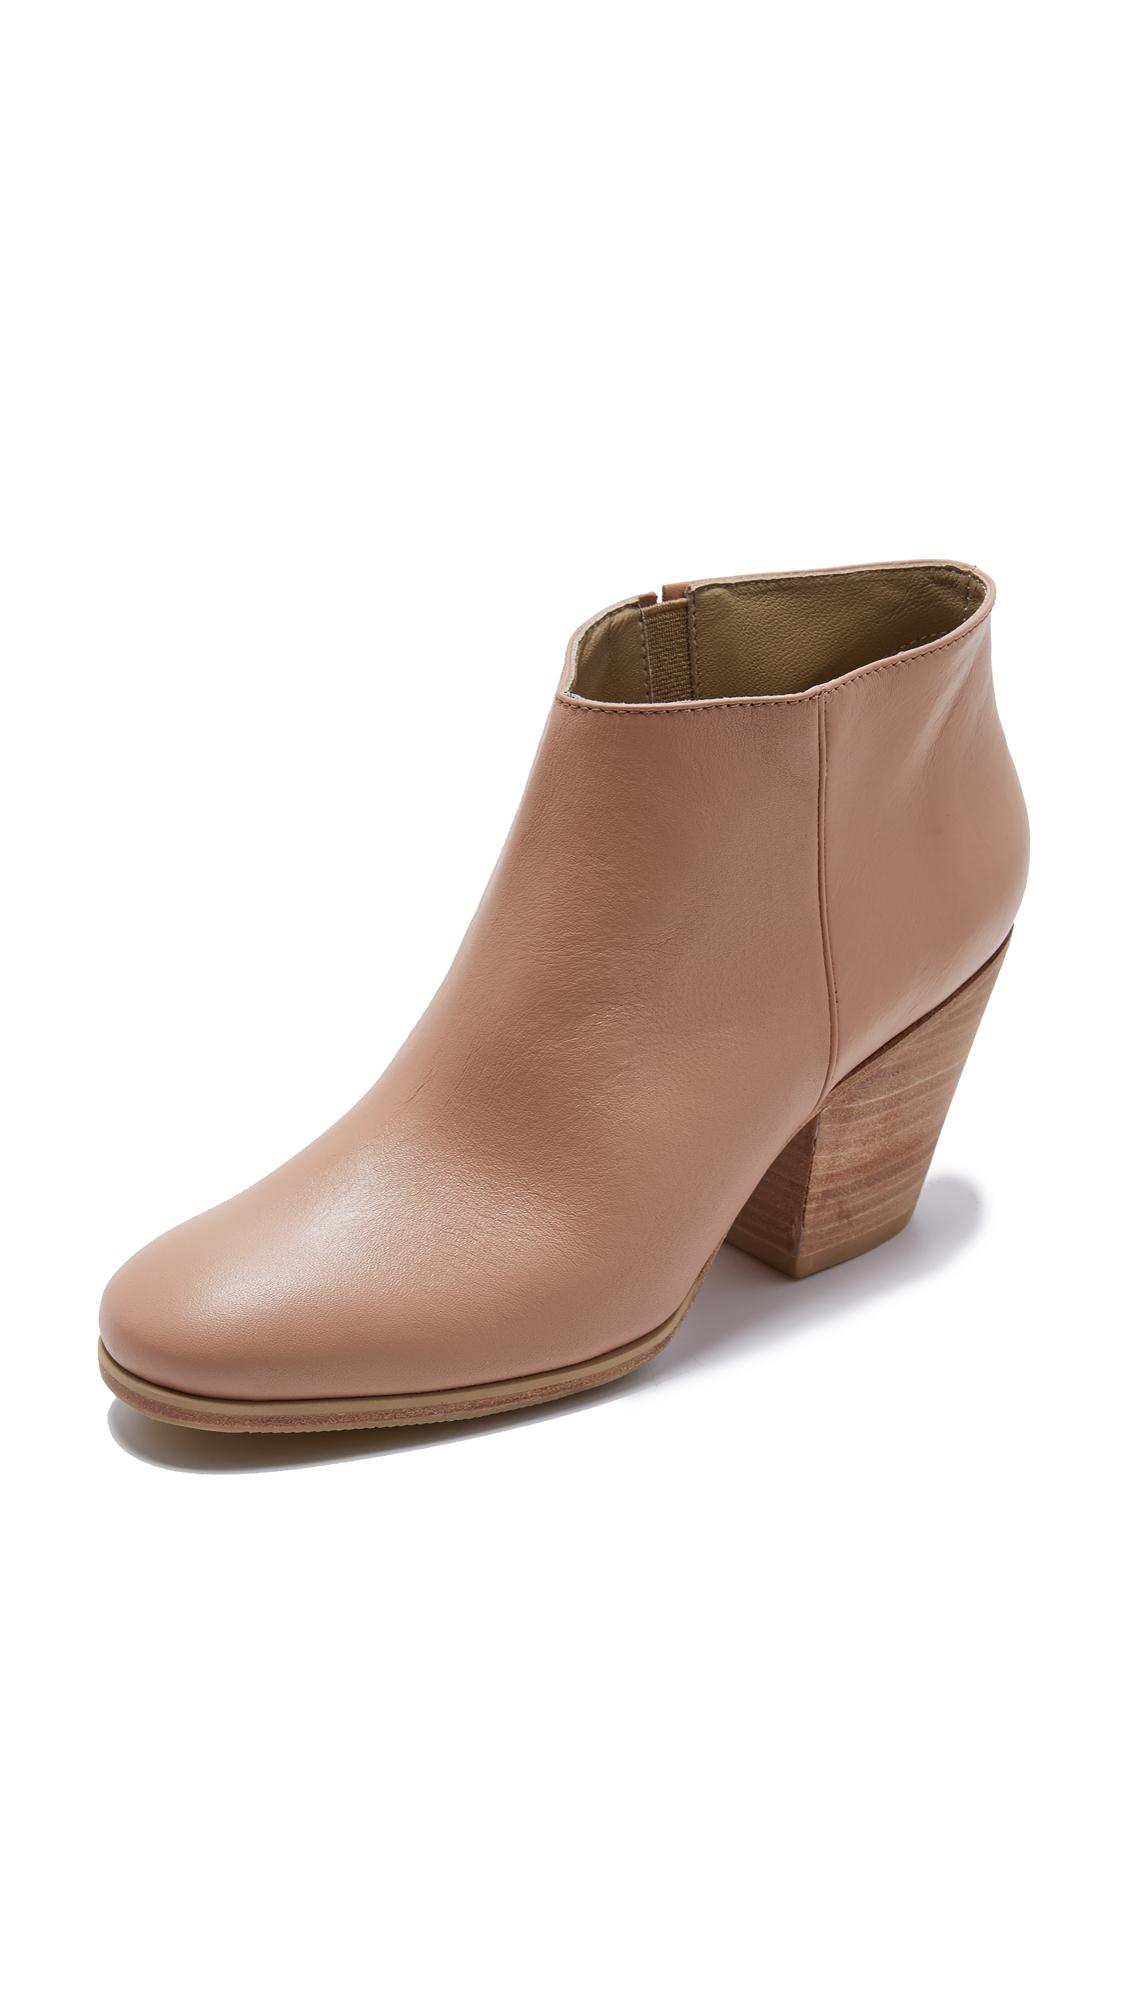 Rachel Comey Mars Booties - Polished Clay